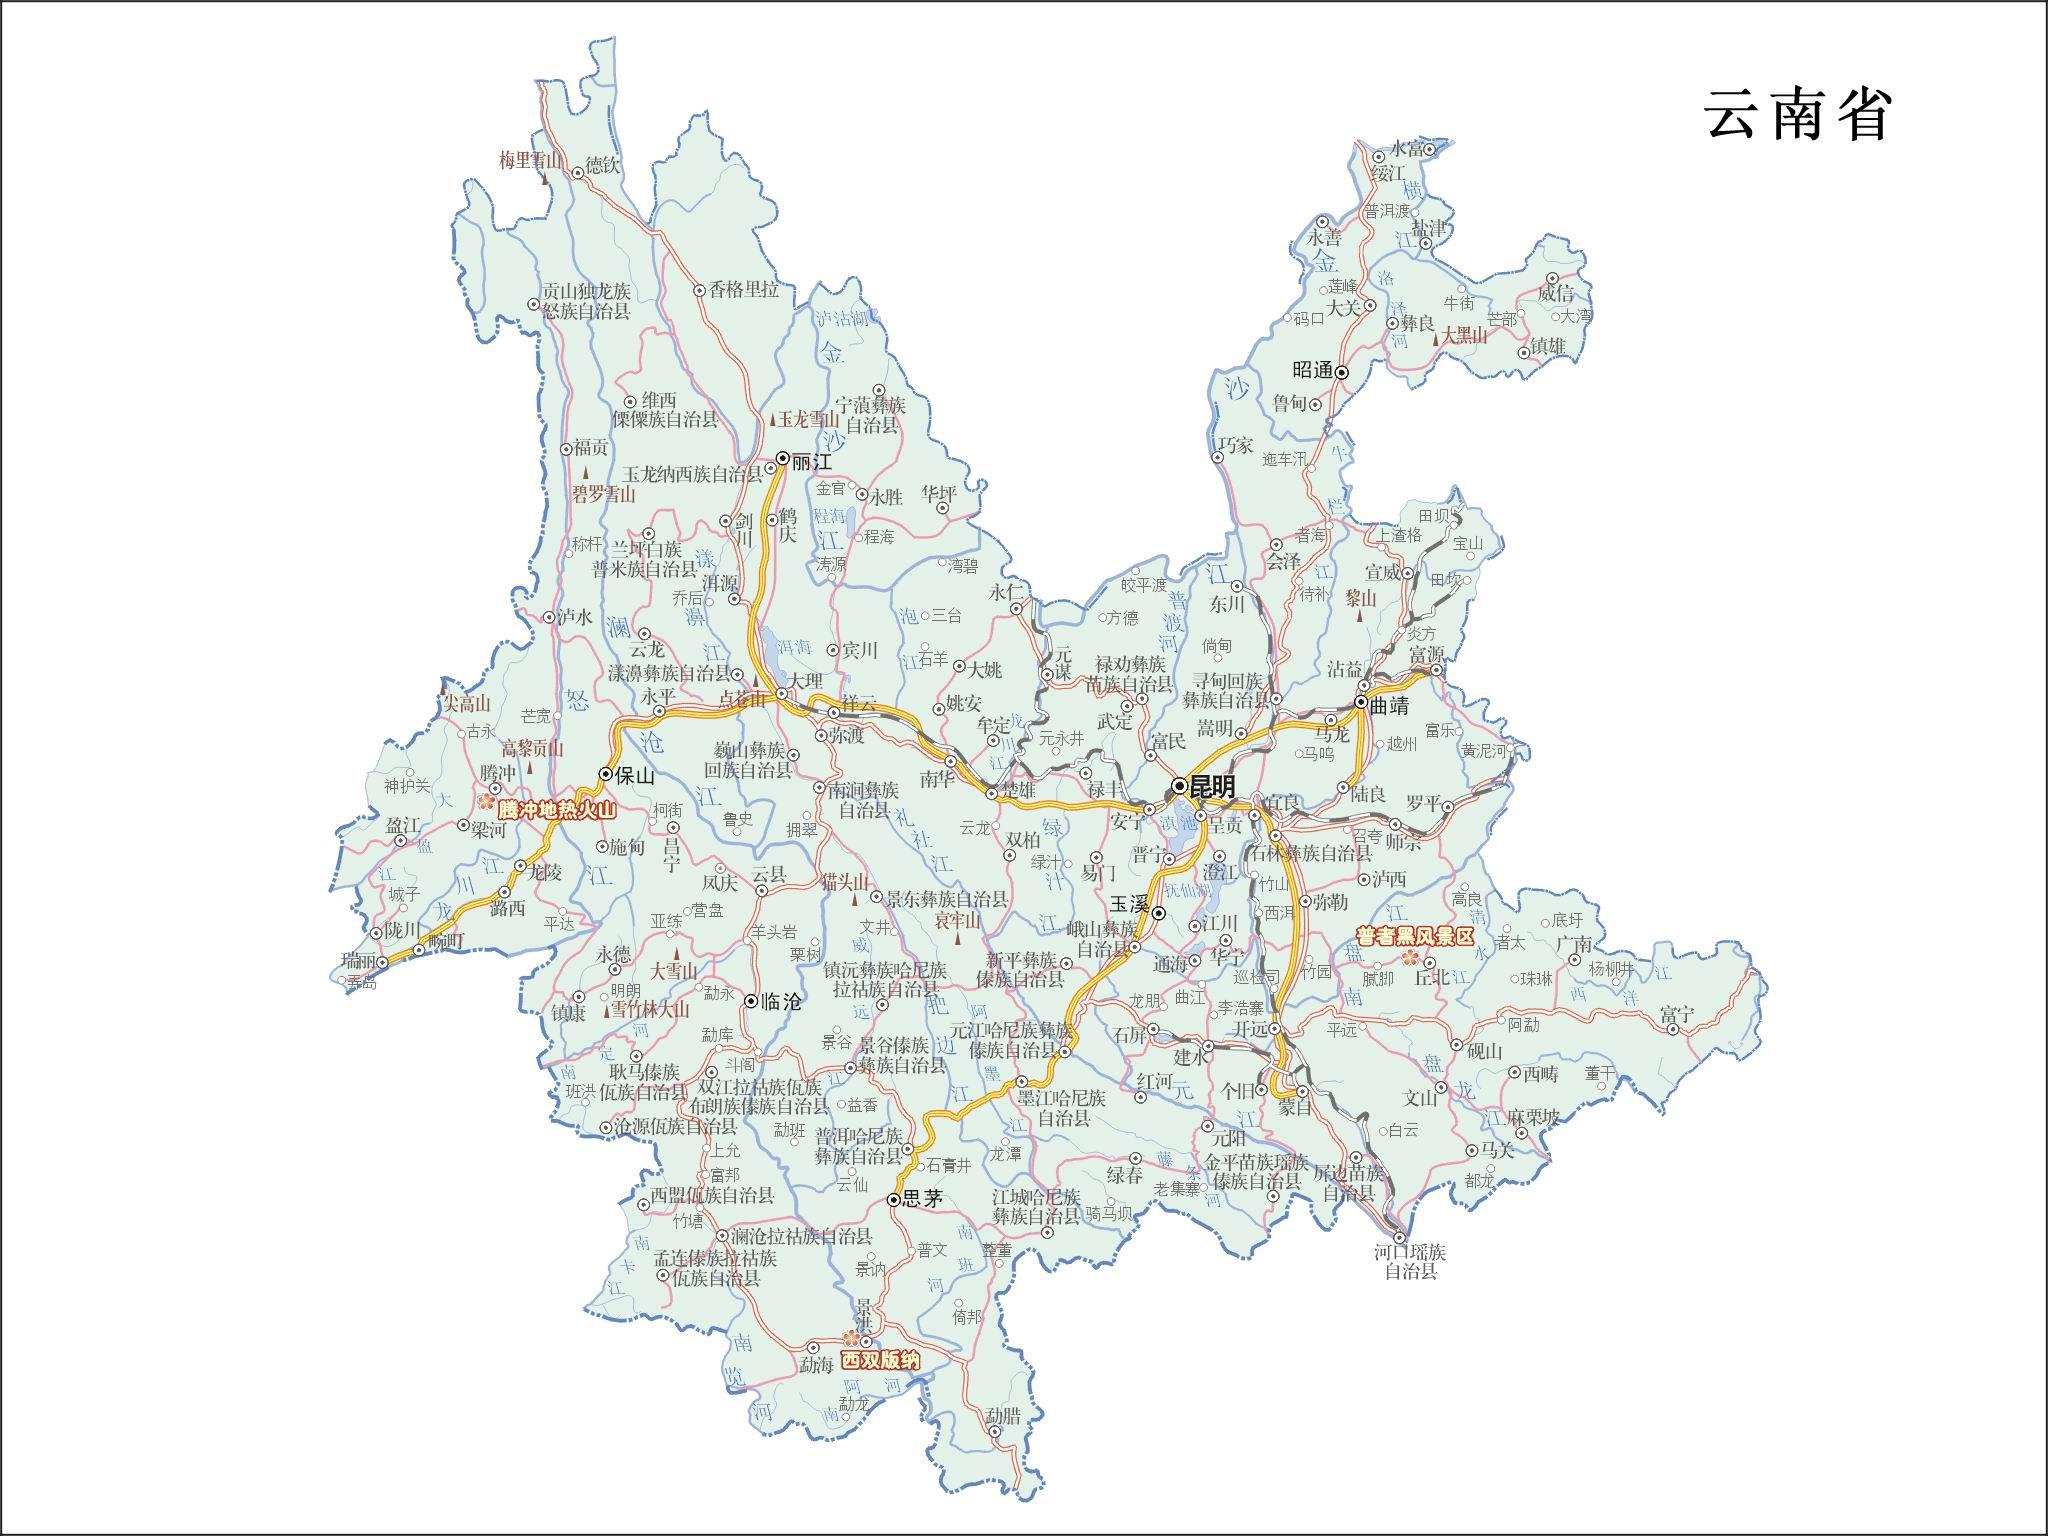 2014广州市分区地图全图广州市地图全图 中国地图分区 图片